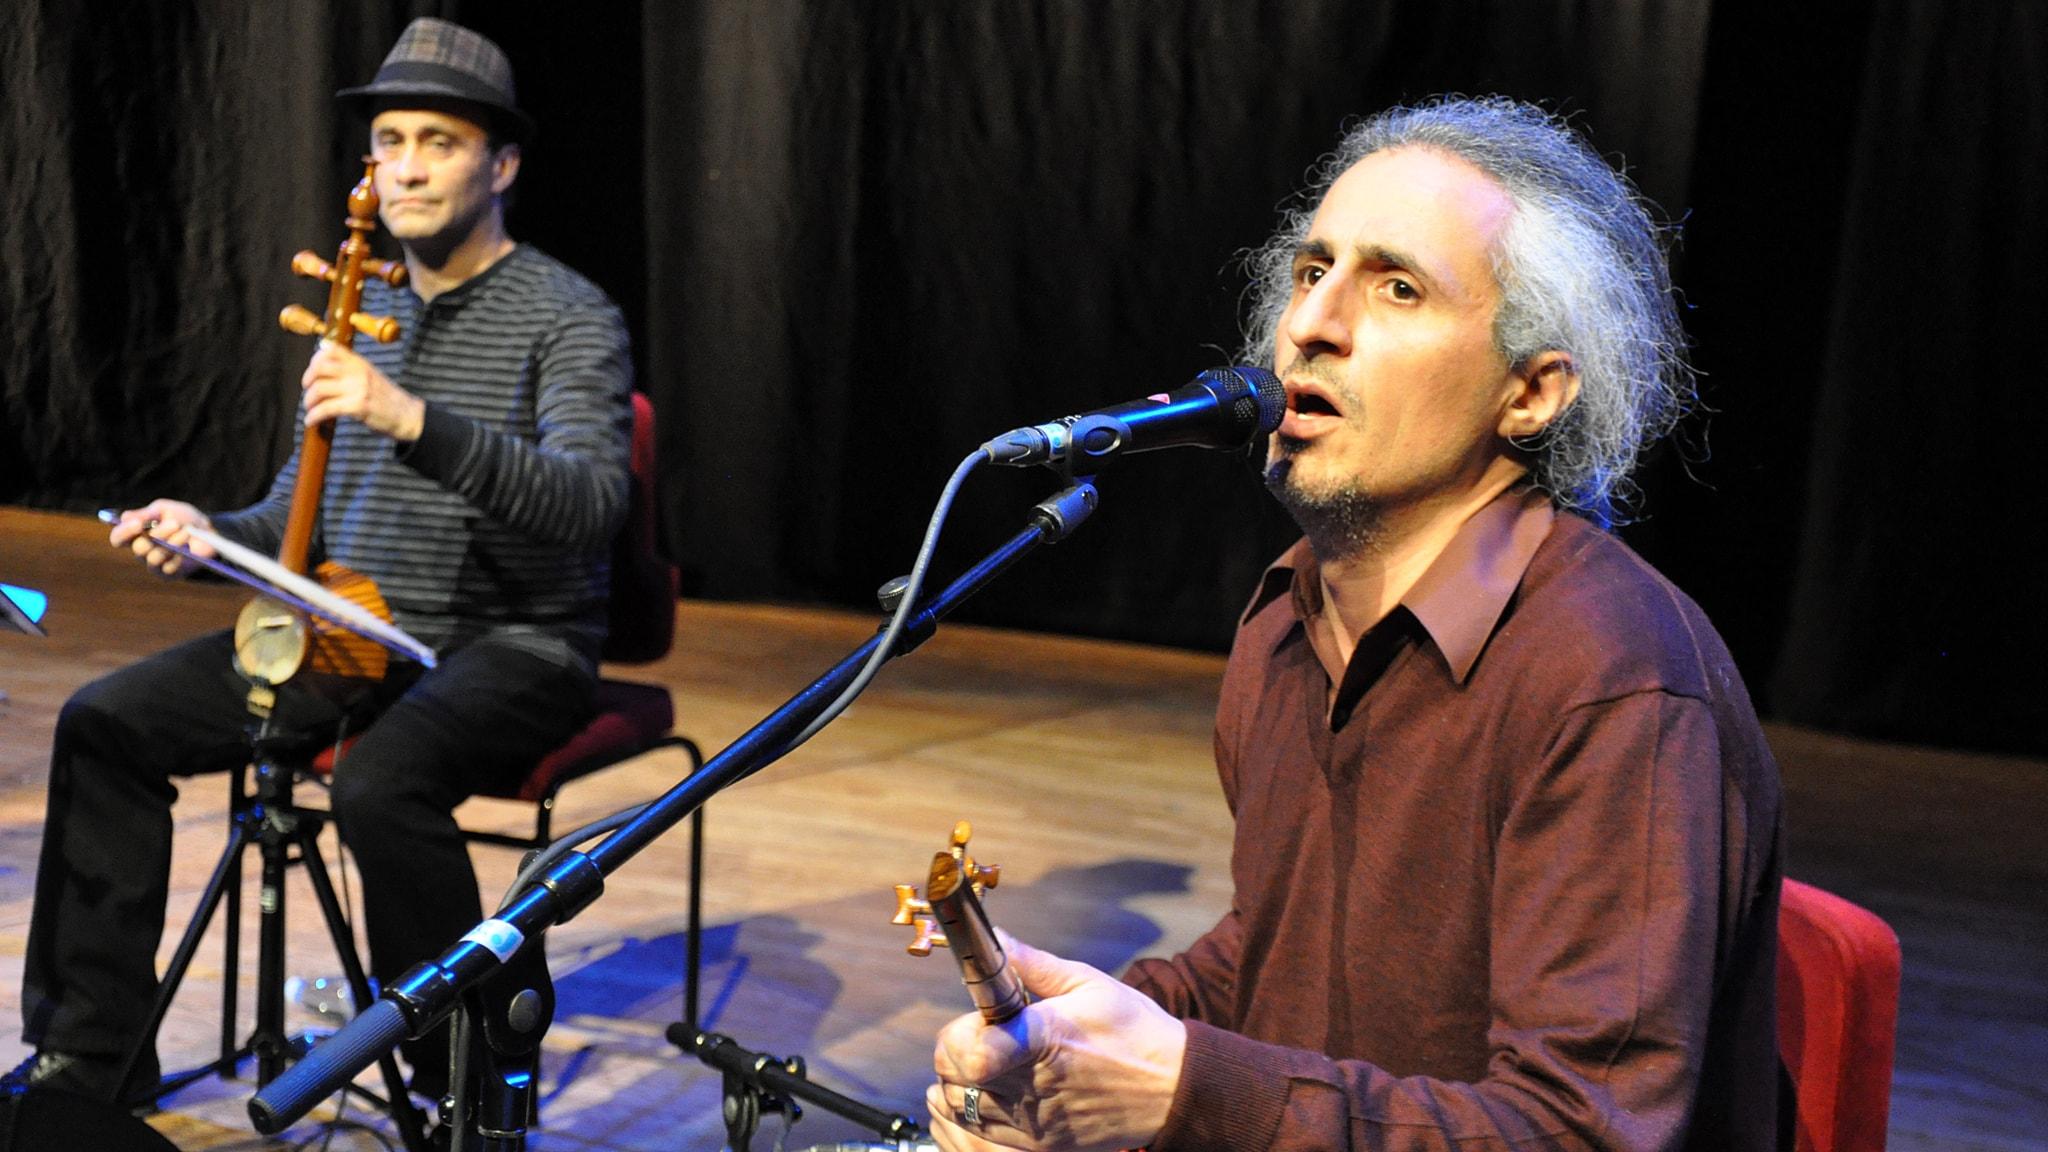 Exiliranierna Mohsen Namjoo är känd för sina persiska omtolkningar av västerländsk musik. Foto: Mats Einarsson/Sveriges Radio